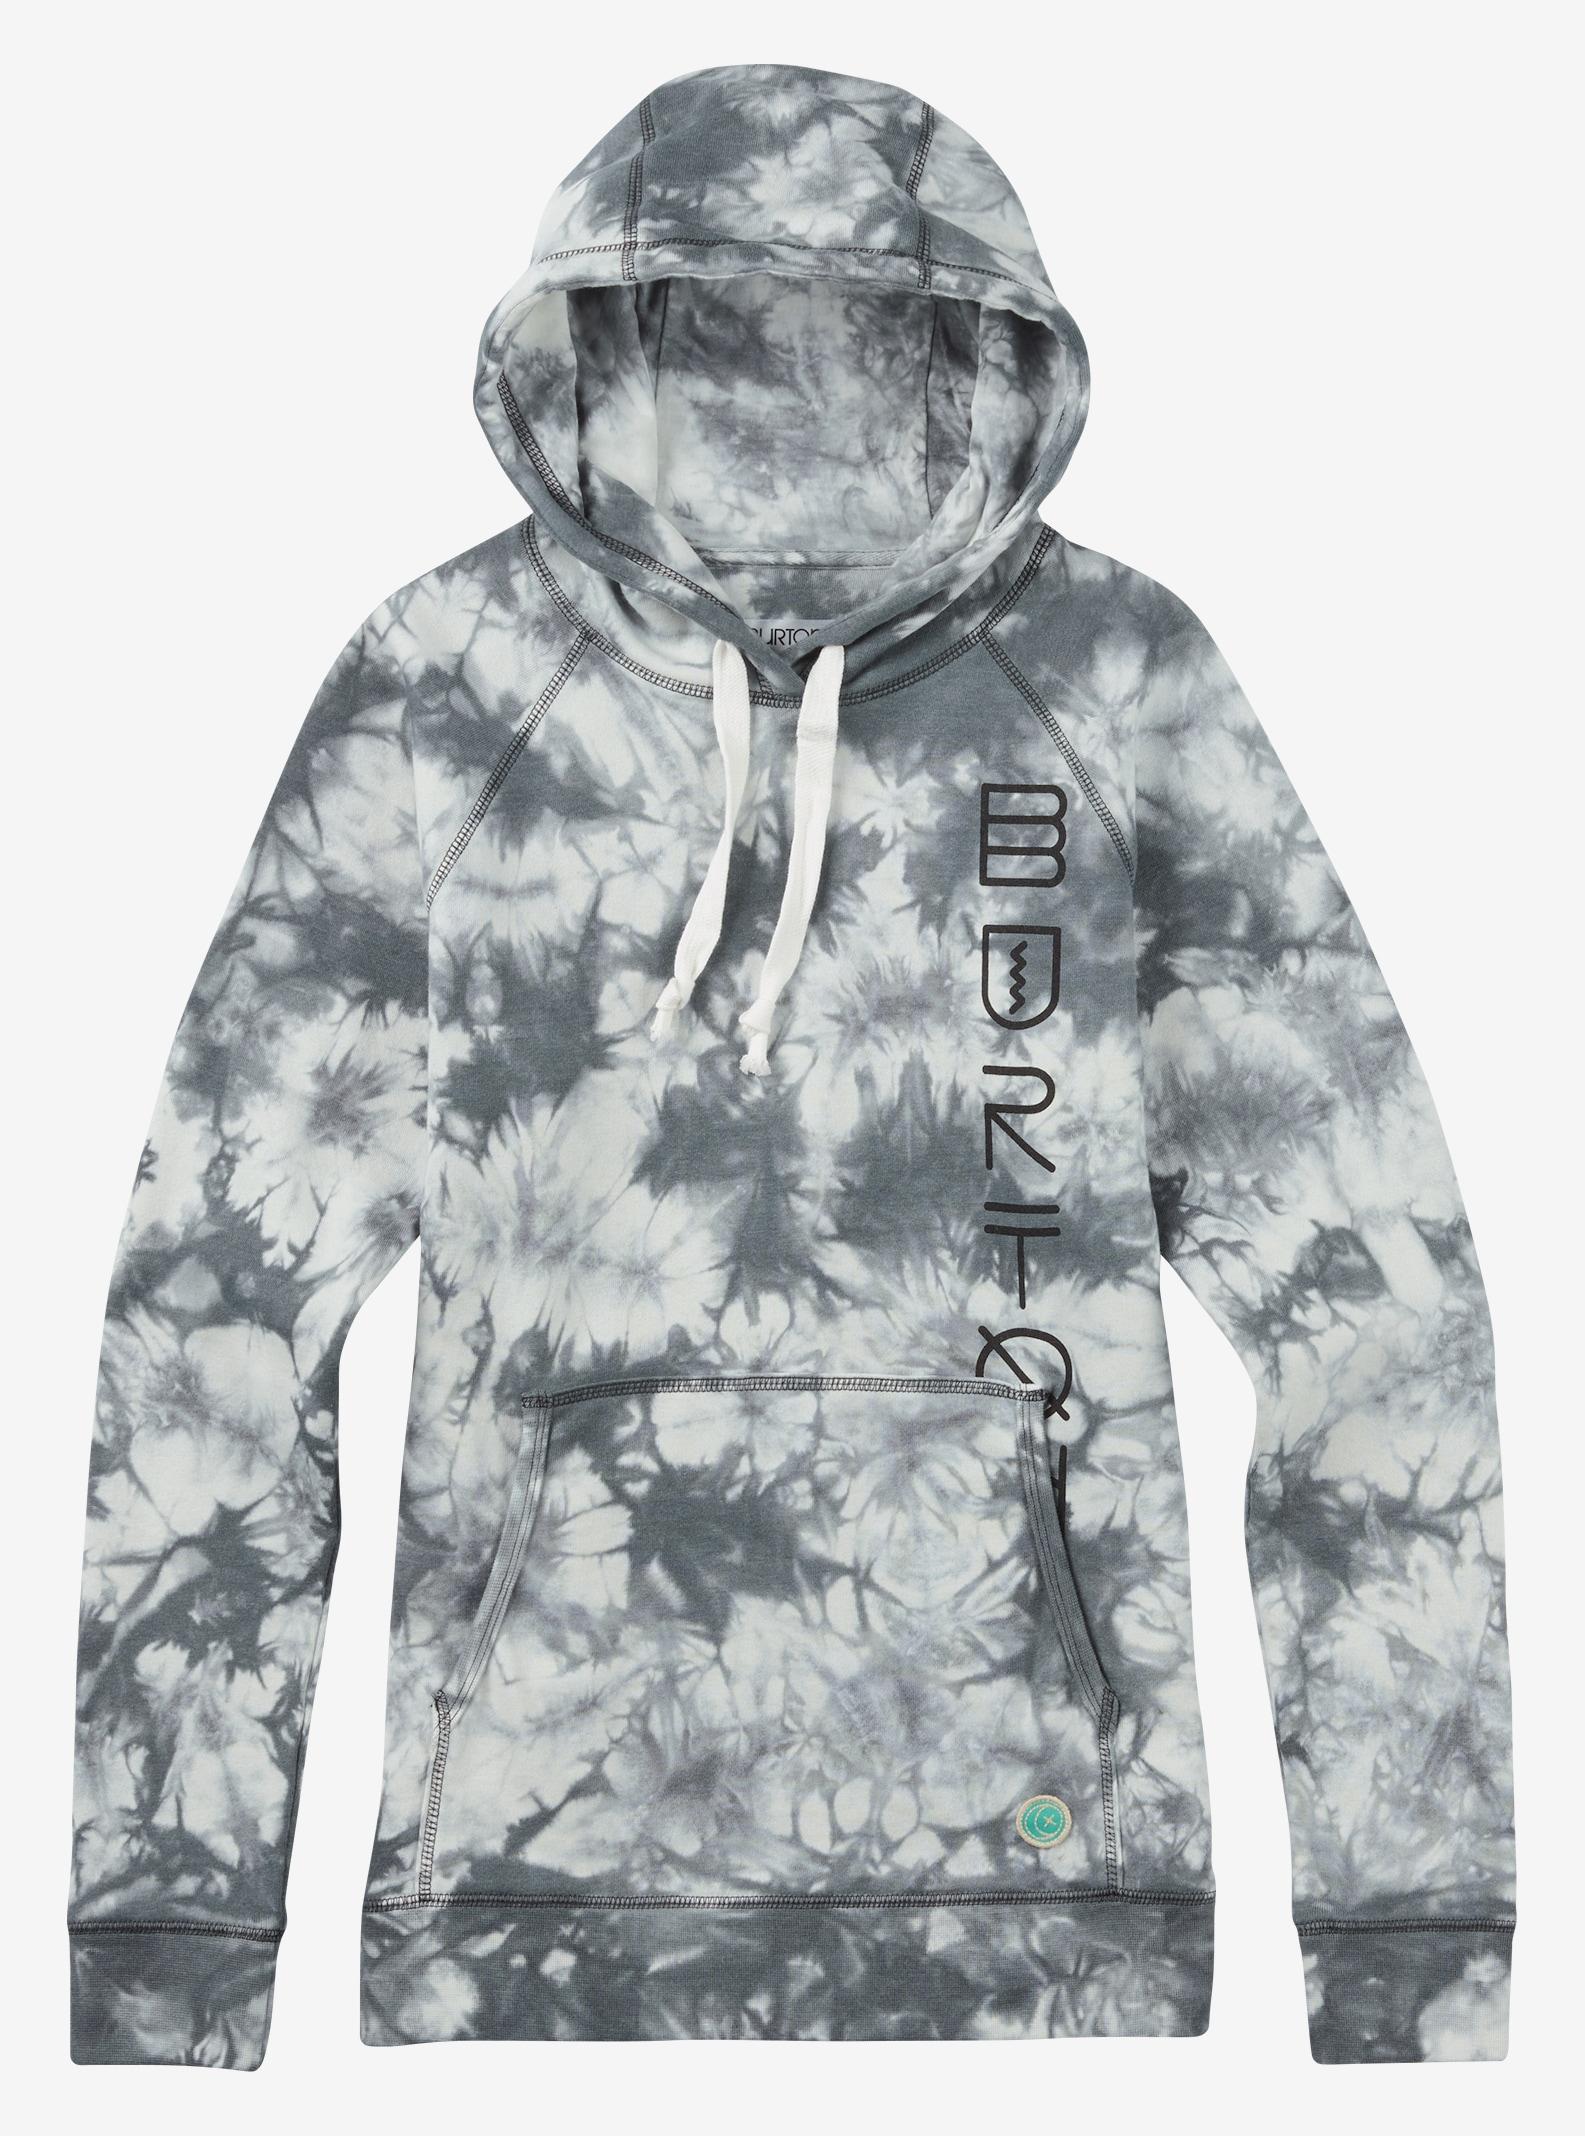 Burton Infinity Pullover Hoodie shown in True Black Tie Dye